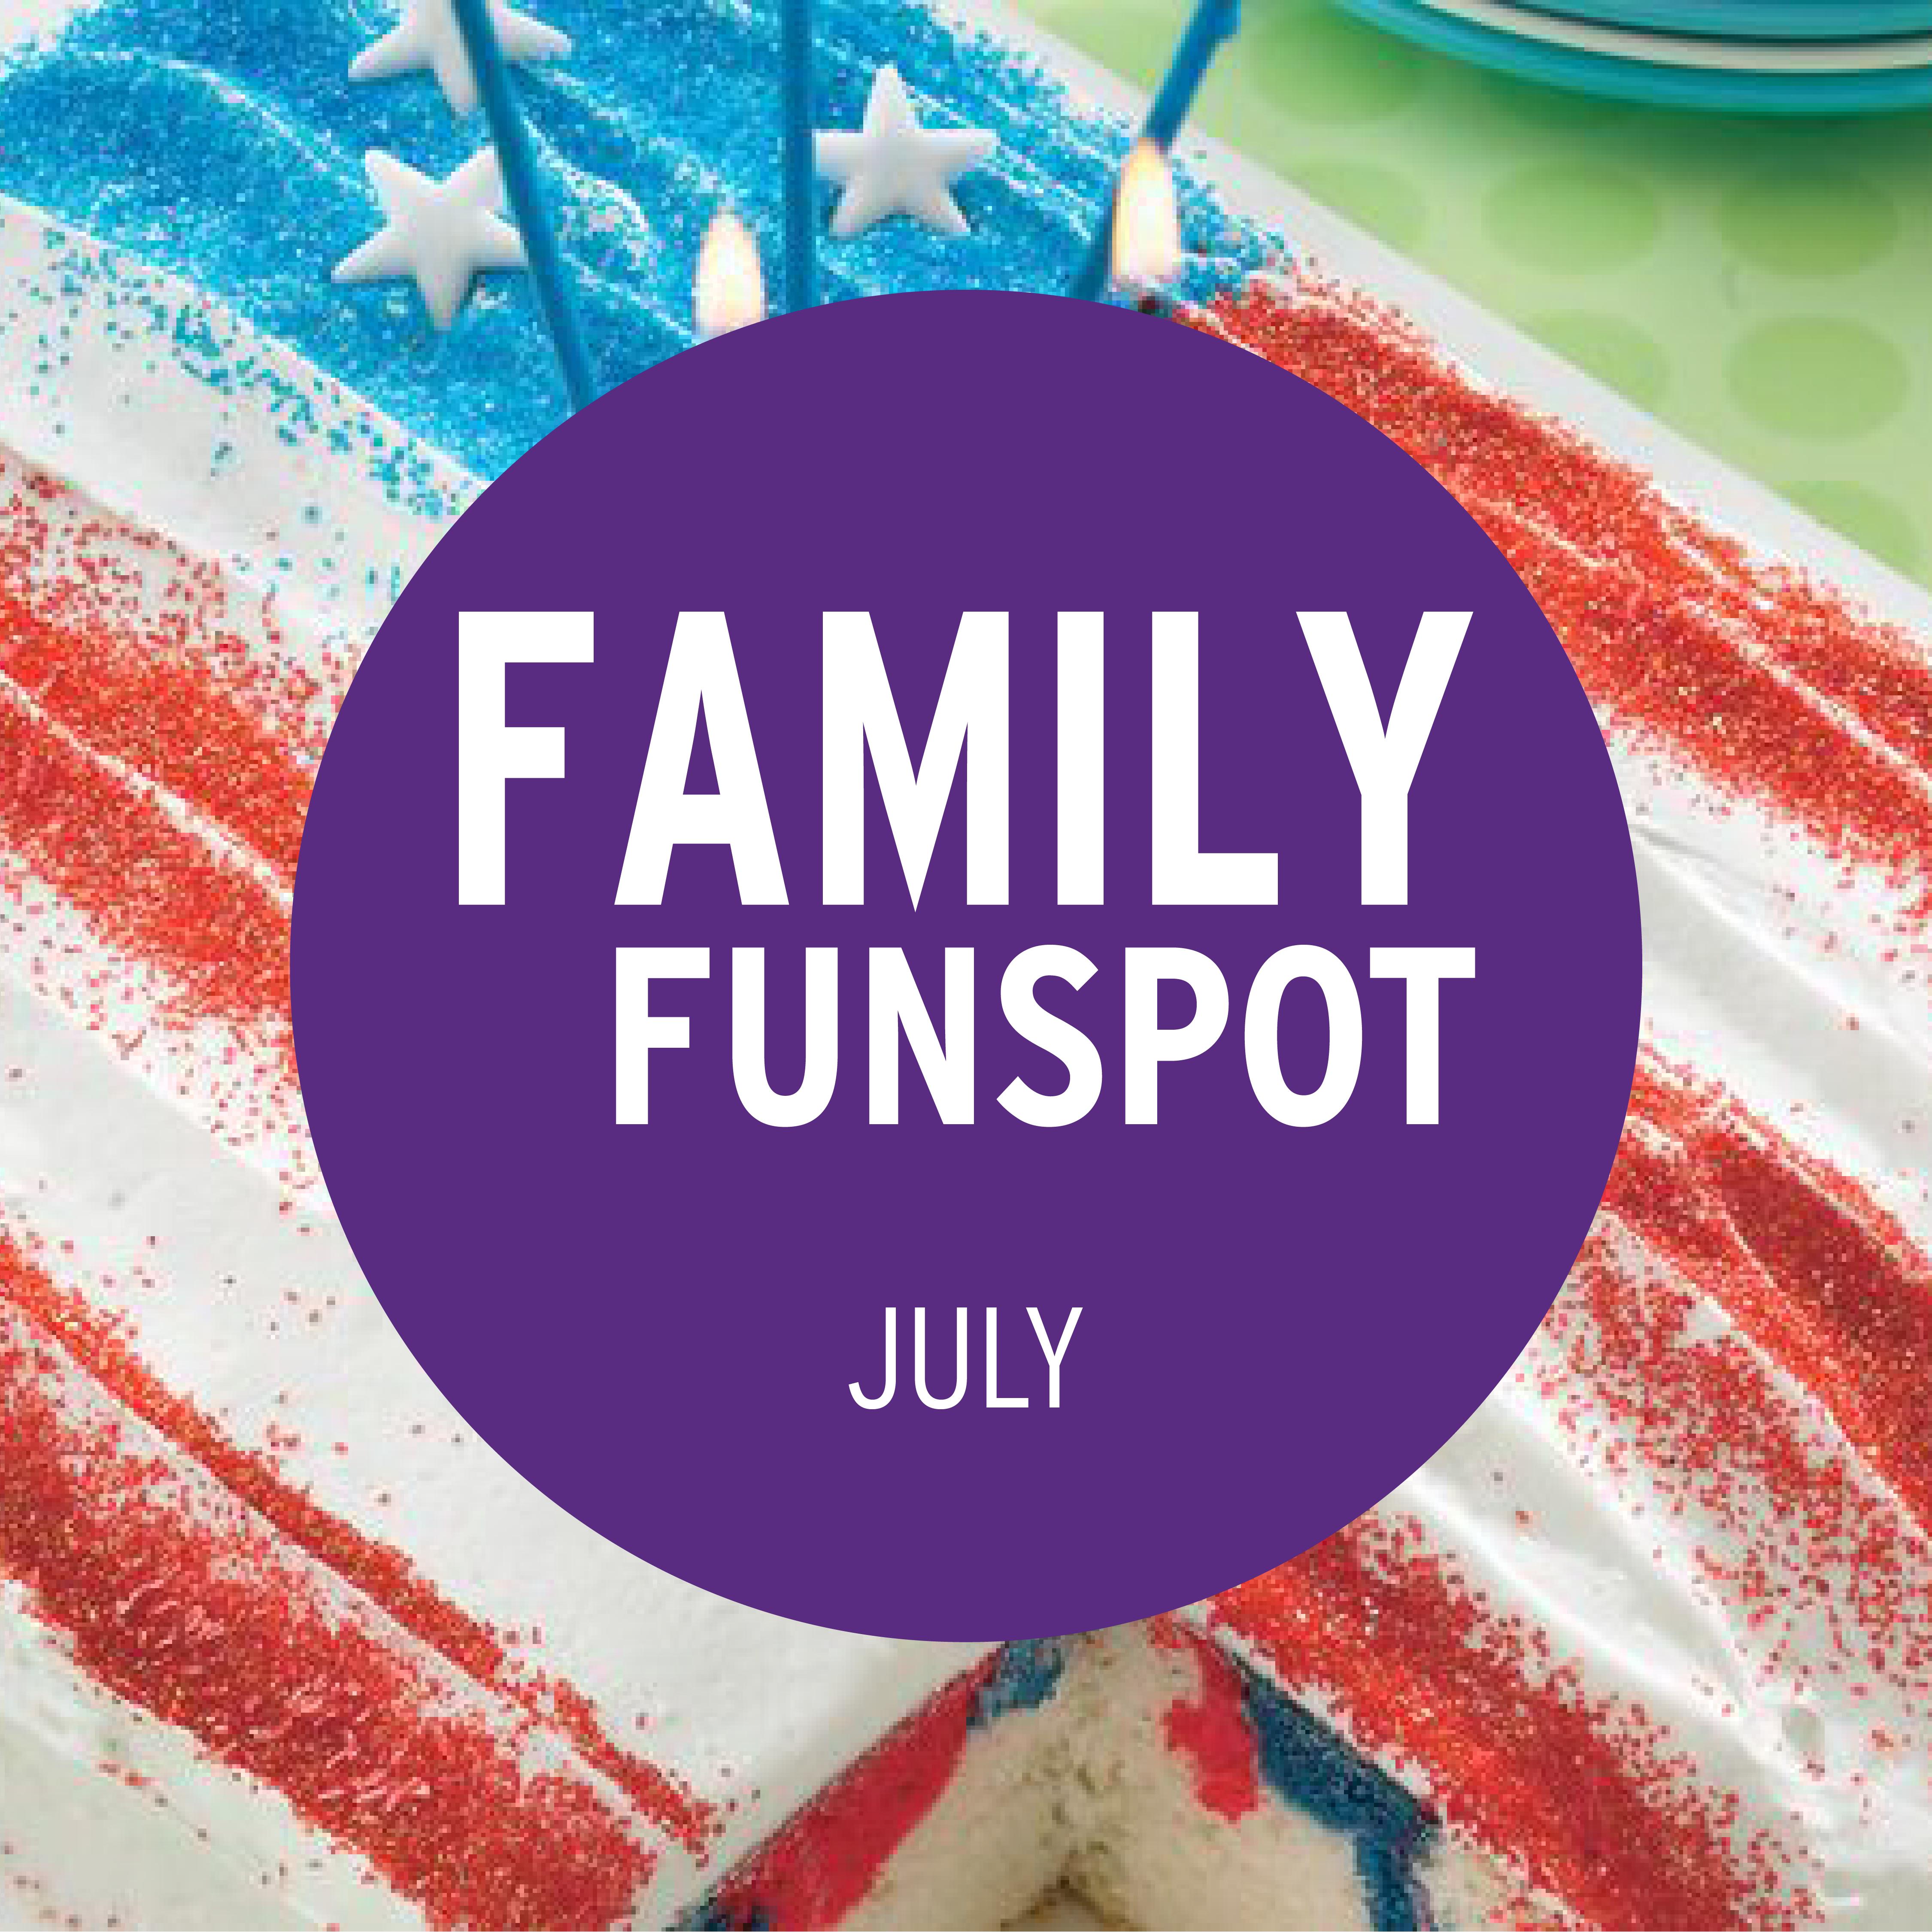 Family FunSpot July